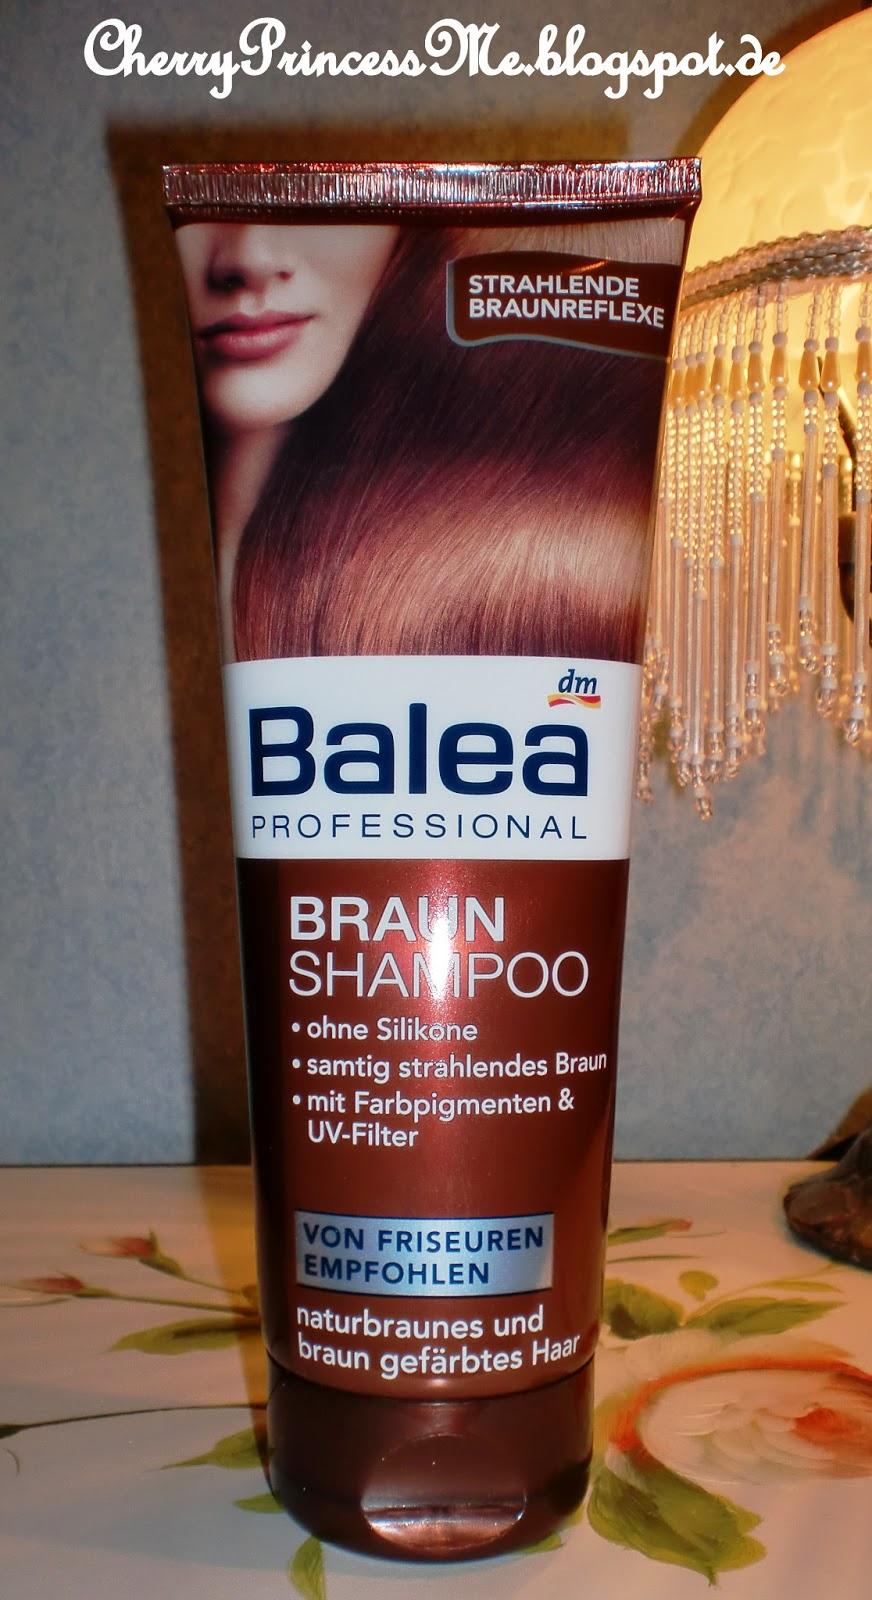 cherryprincess braun shampoo von balea. Black Bedroom Furniture Sets. Home Design Ideas